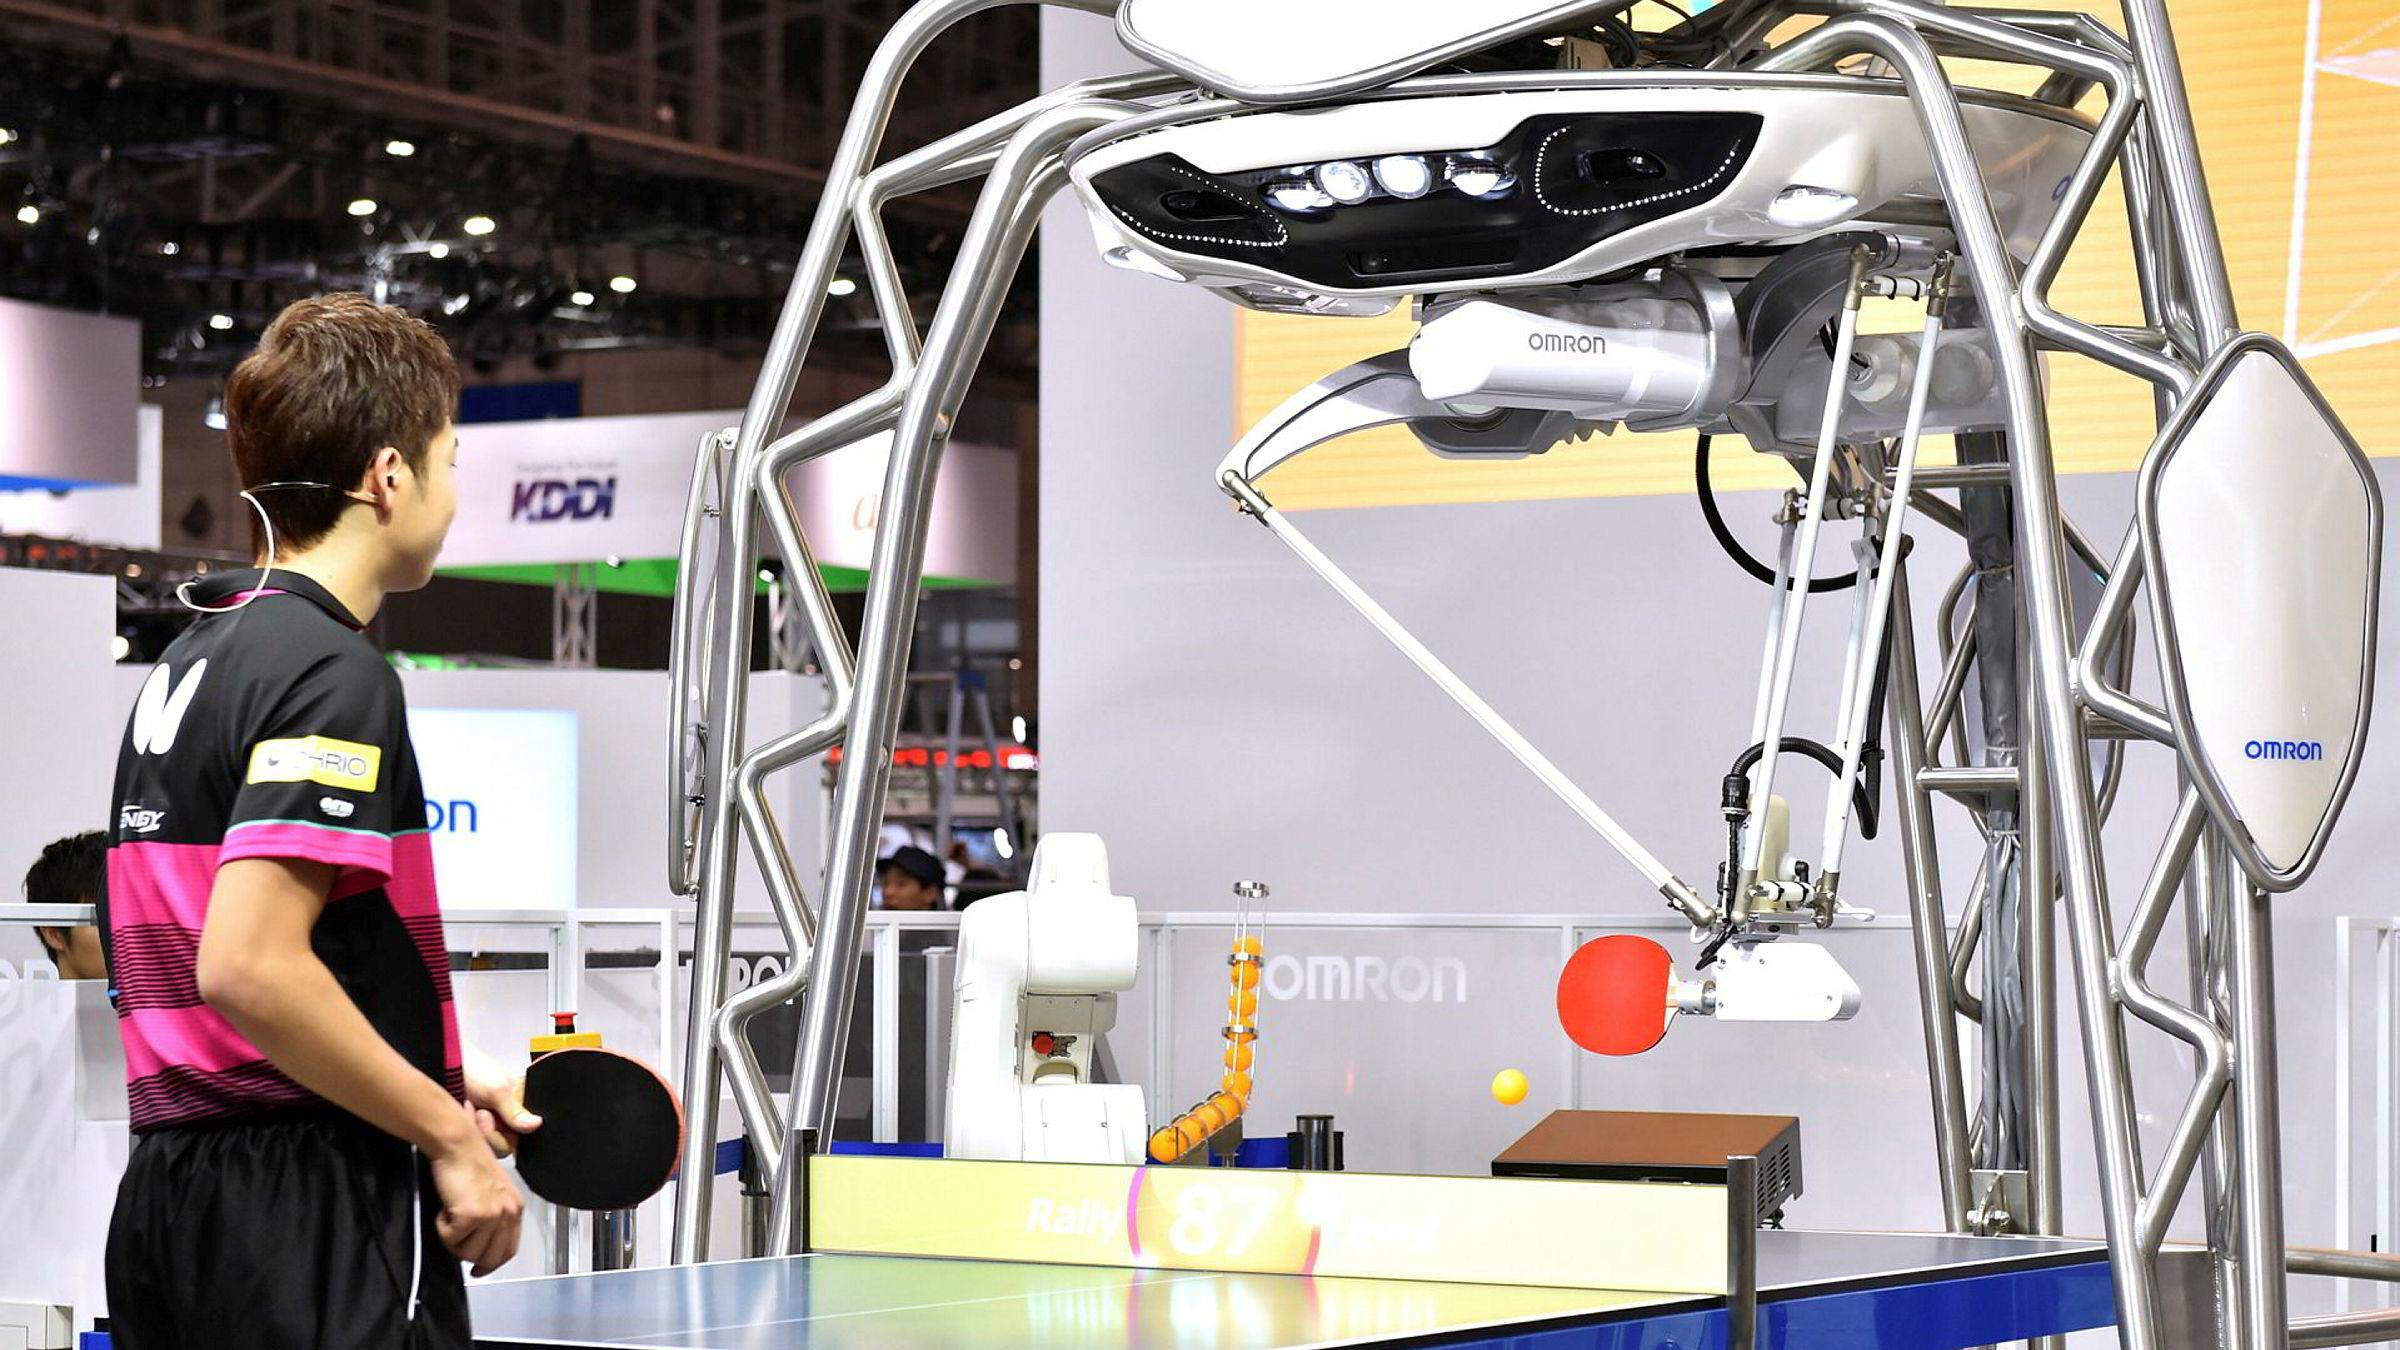 Teknologiselskapene har gjort store fremskritt de siste to-tre årene med kunstig intelligens og de smarteste løsningene nærmer seg intelligensen til en seksåring, ifølge en ny forskningsrapport. På en robotmesse i Tokyo viser «Forpheus» frem sine talenter denne uken.